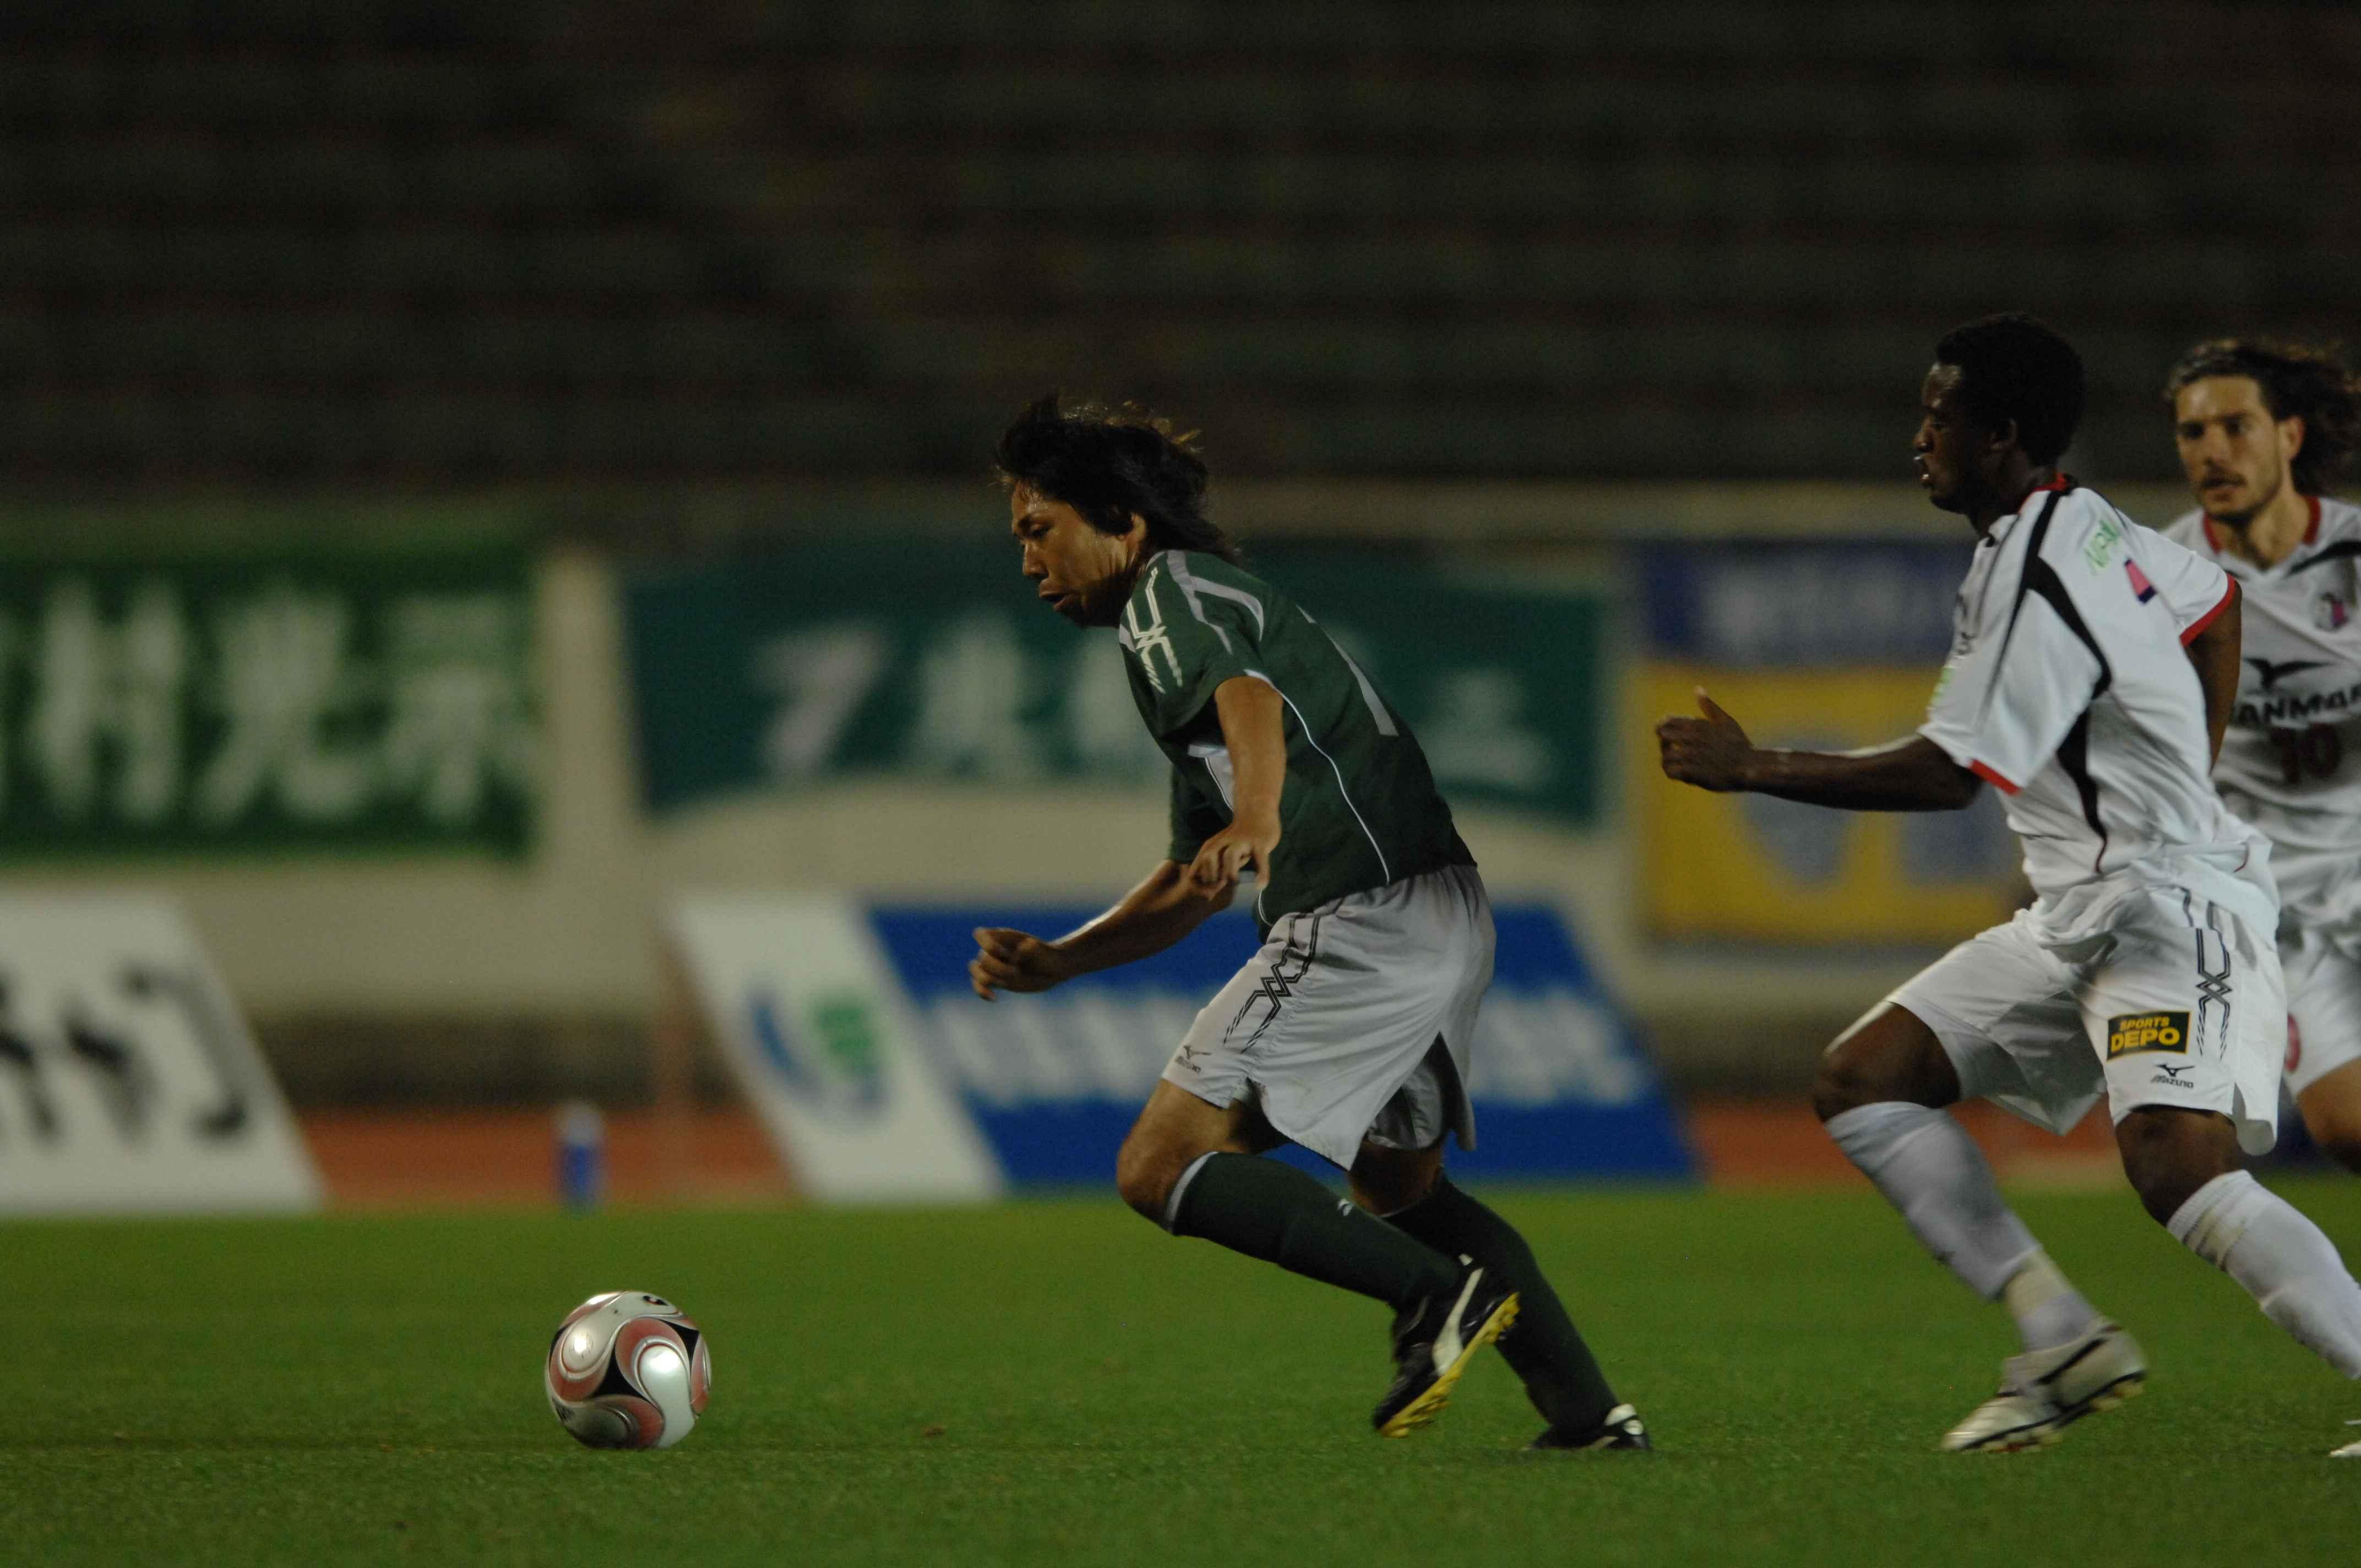 FC岐阜_C大阪_D3_0301.jpg